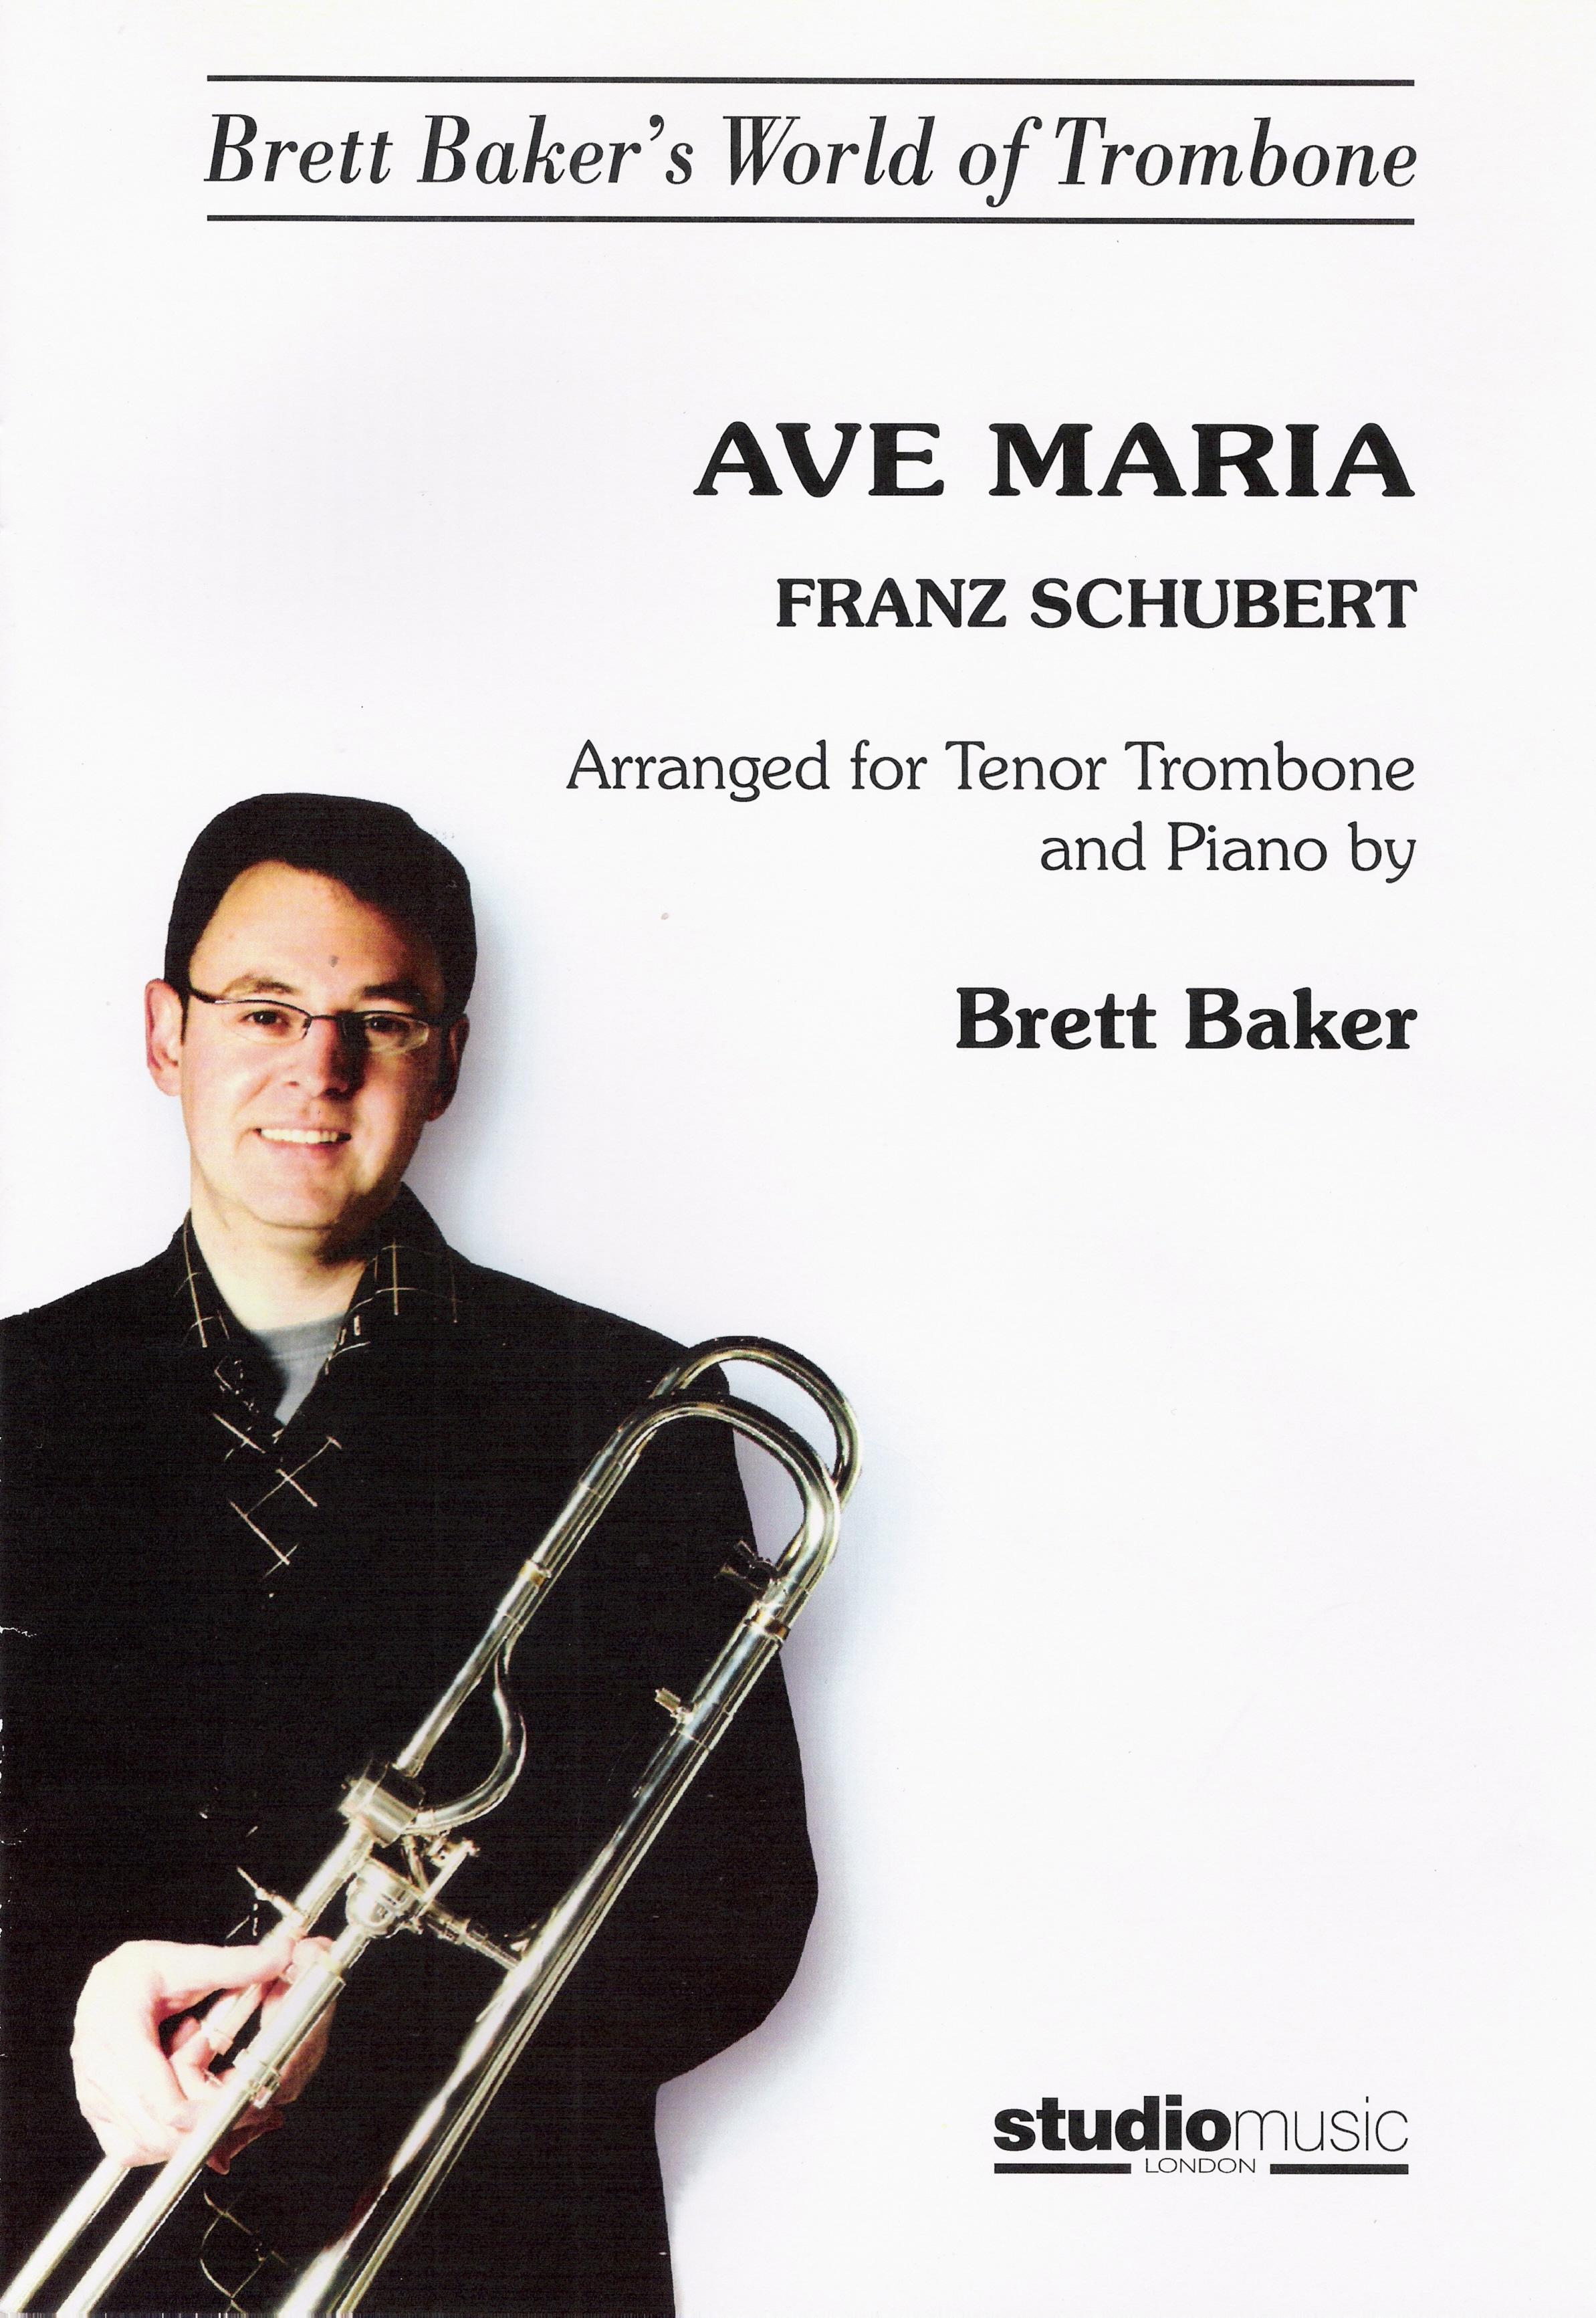 Sheet Music - Ave Maria arranged Brett Baker